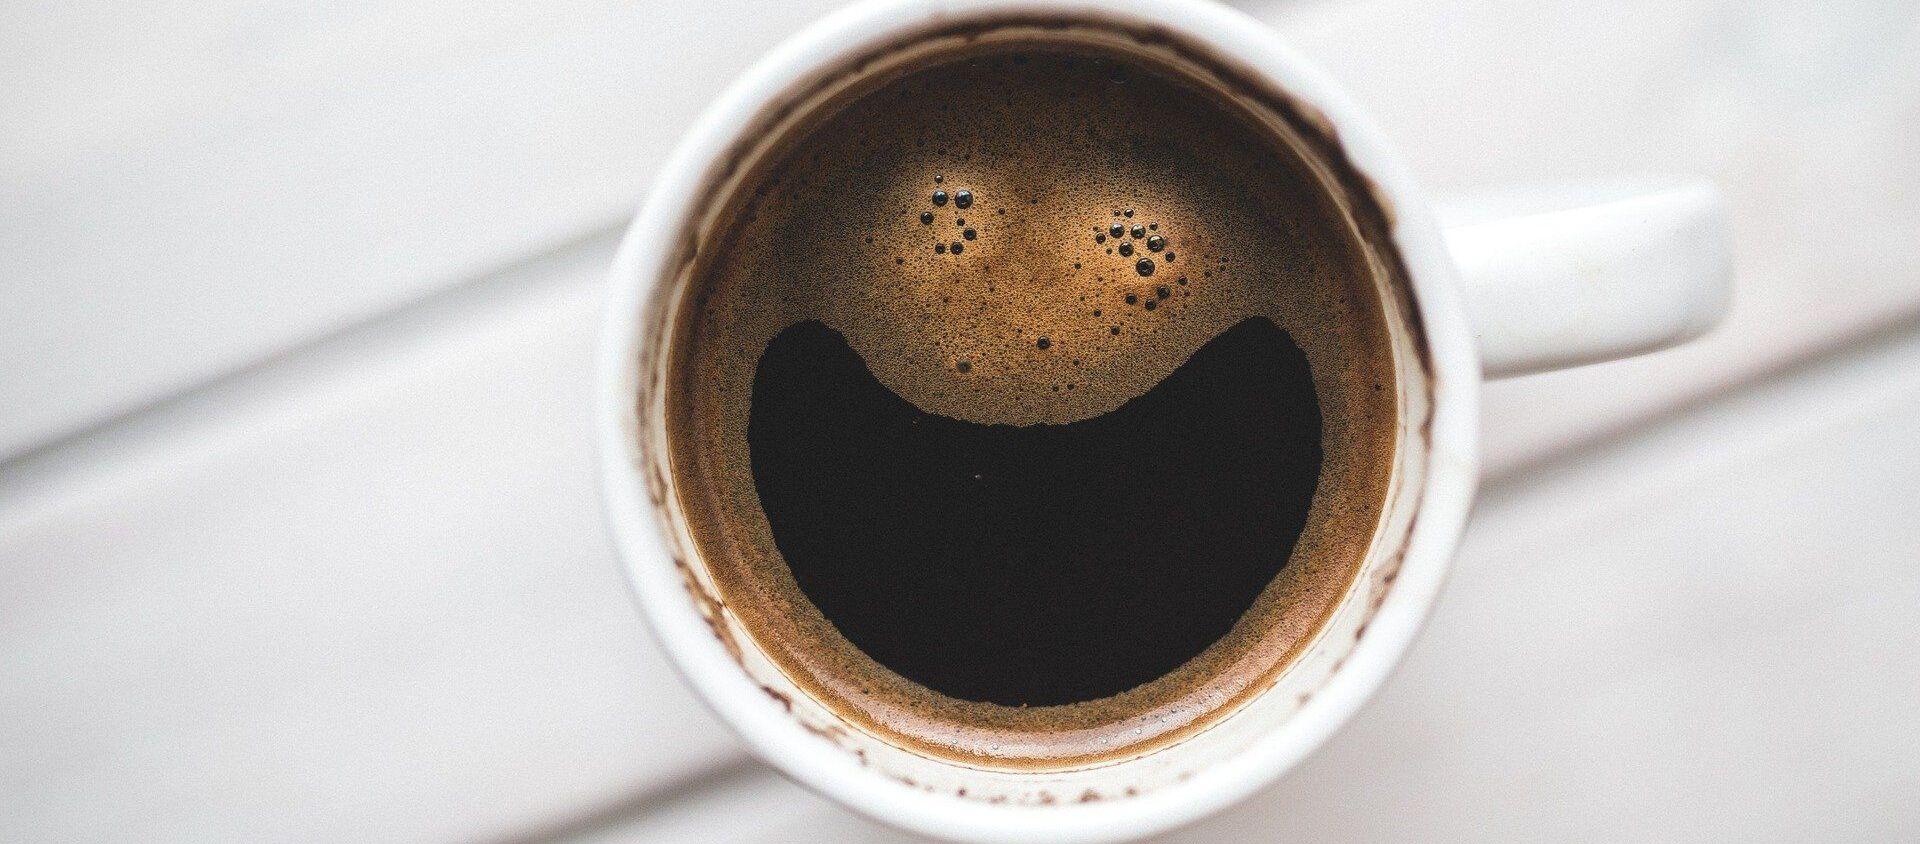 Una taza de café - Sputnik Mundo, 1920, 10.02.2021